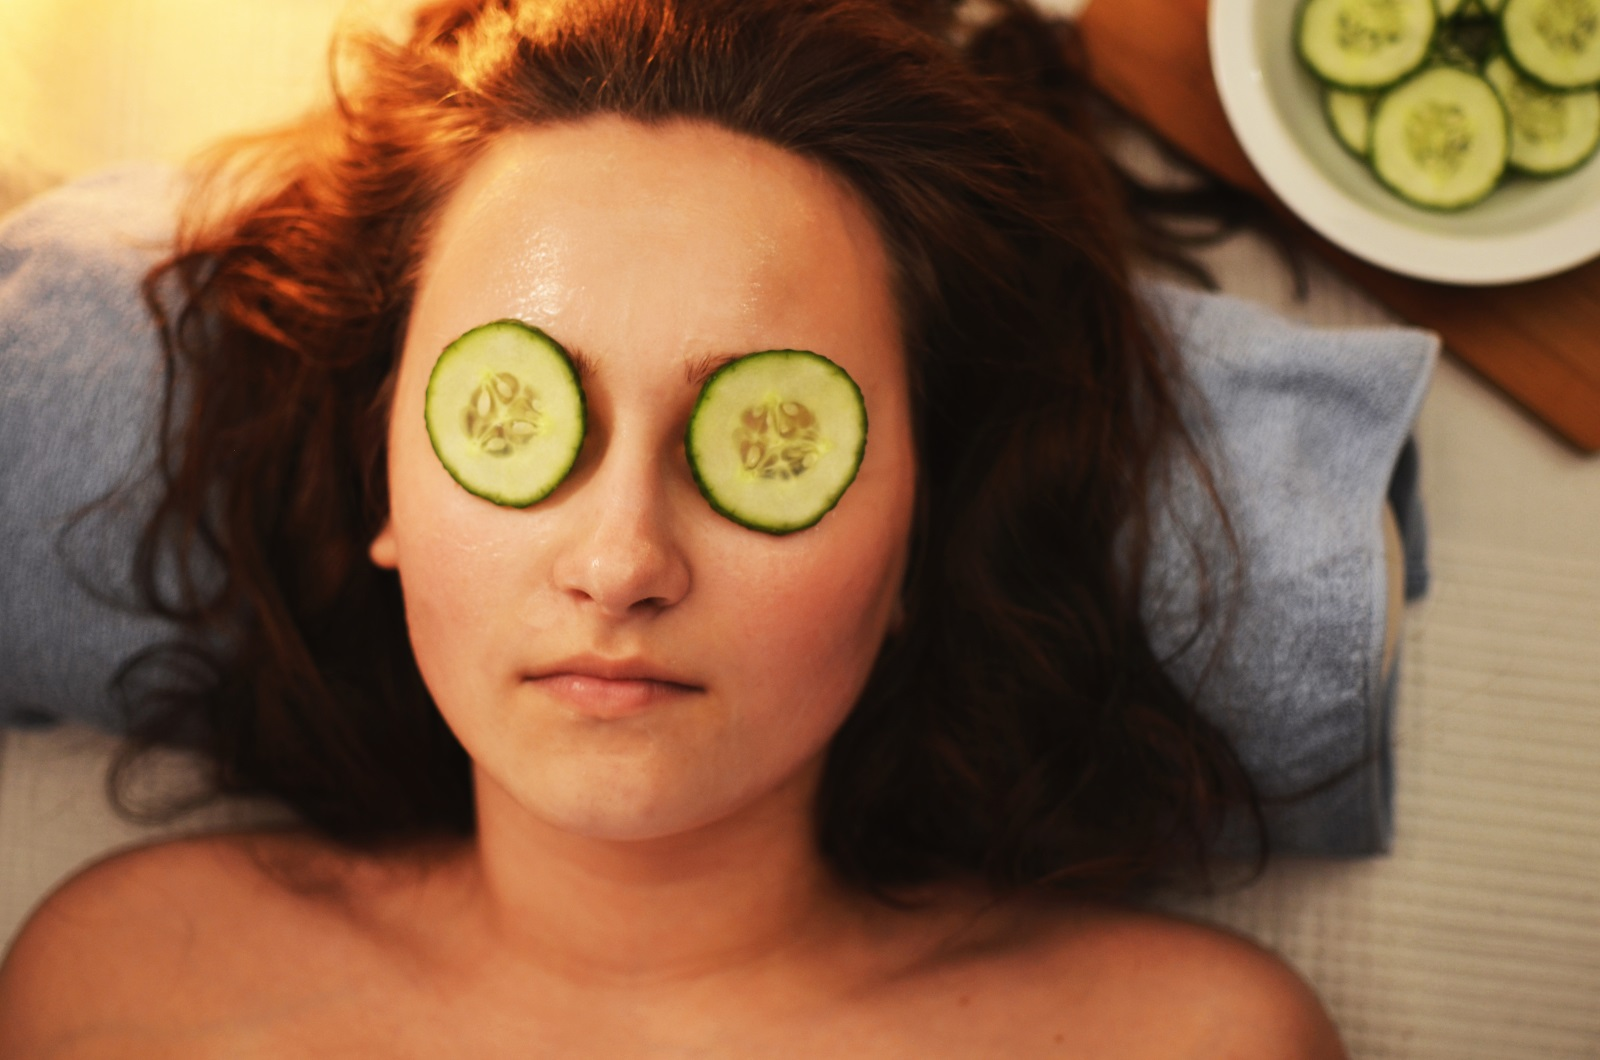 7. Разкрасителни процедури. Обърнете внимание на себе си и откраднете няколко часа, за да си направите подхрванваща маска за лице, педикюр, прическа или каквото друго ви дойде наум.